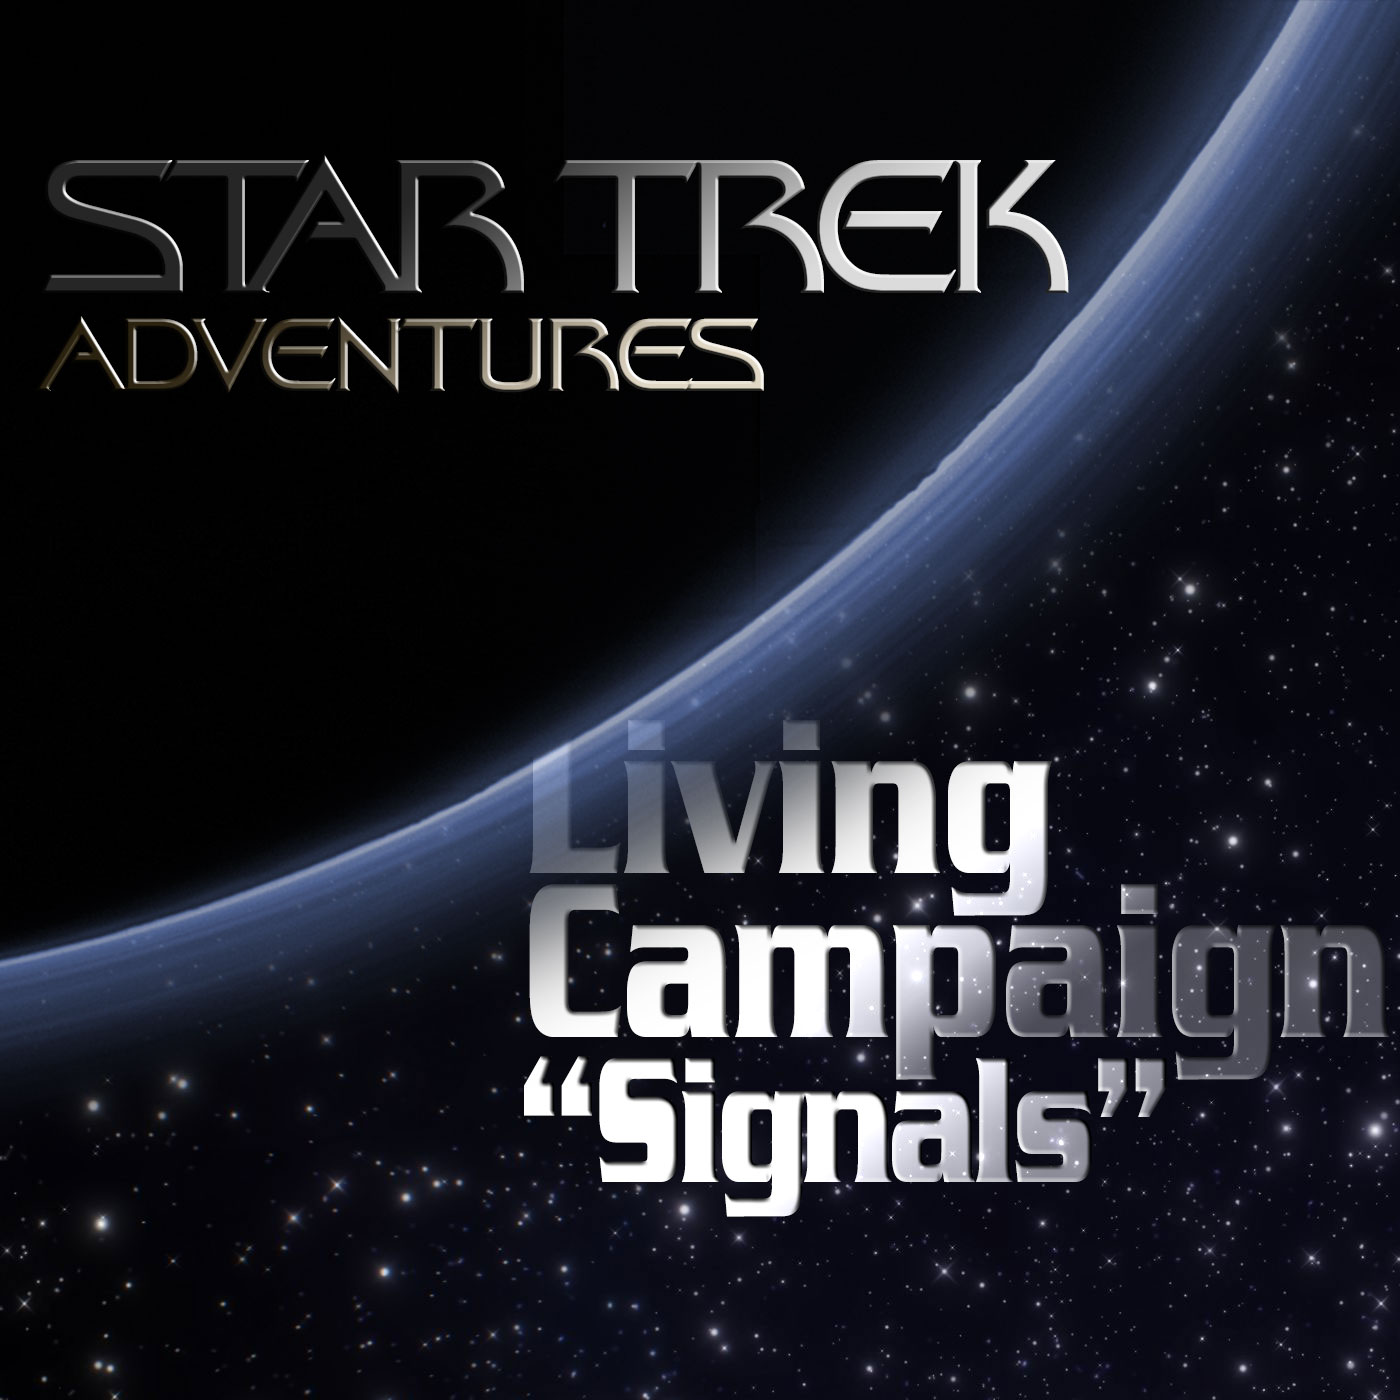 StarTrek-Titlecard-Signals-NoLogo.jpg